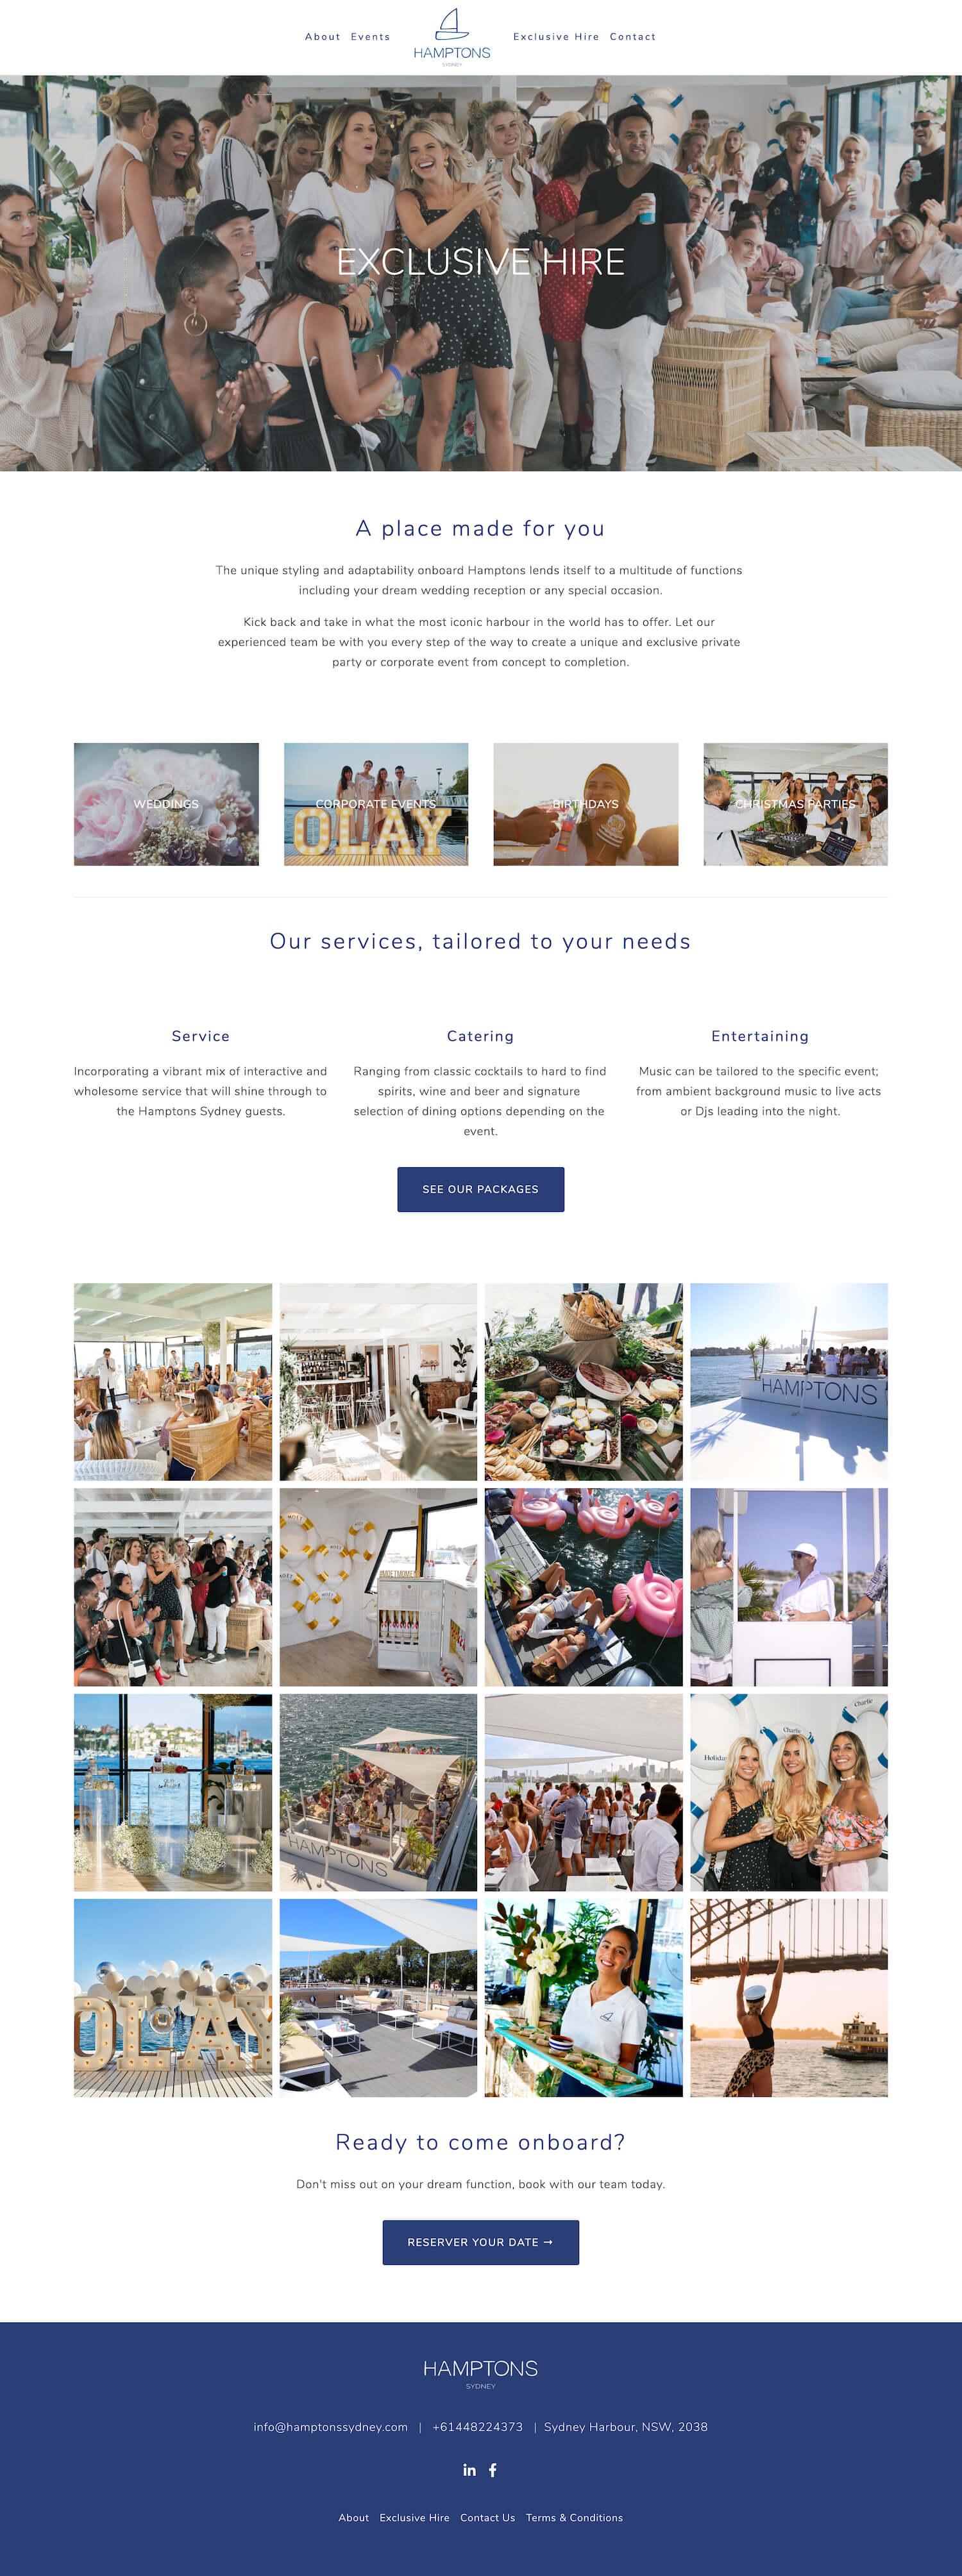 SlickWeb_Work_Hamptons_Exclusive_Desktop.jpg